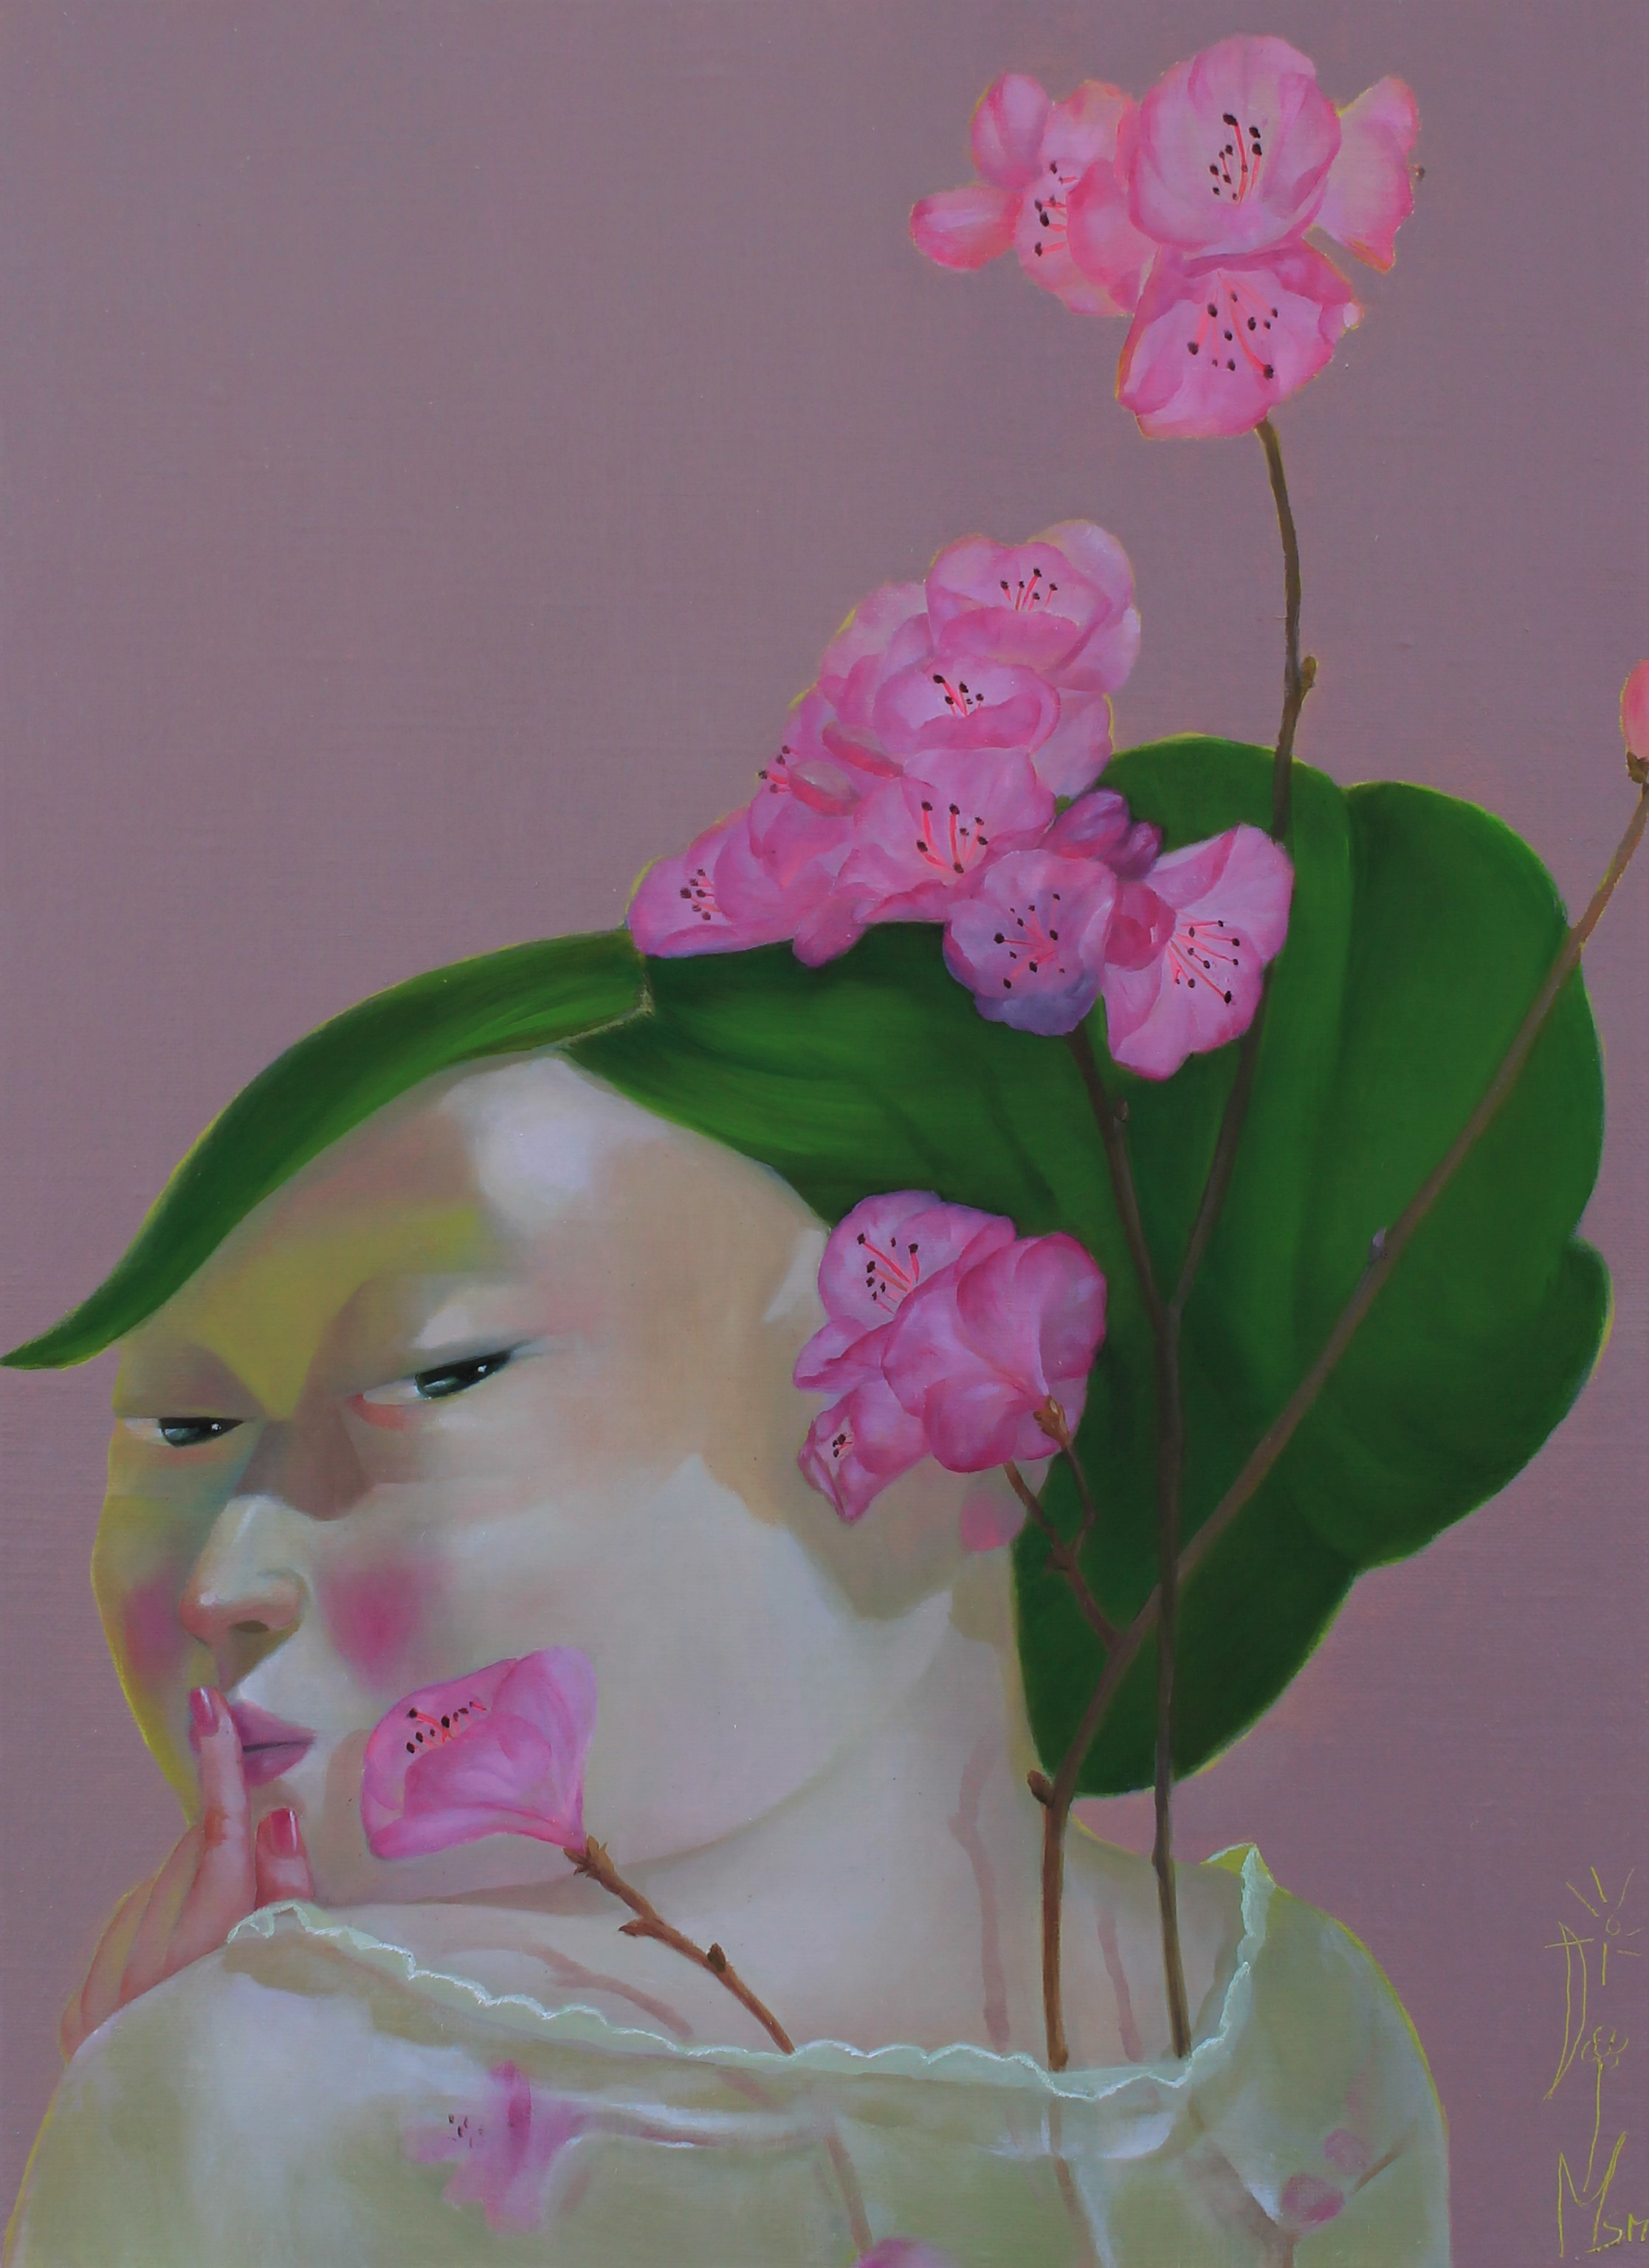 문선미2, 그녀의 정원-진달래, 37.9 x 45